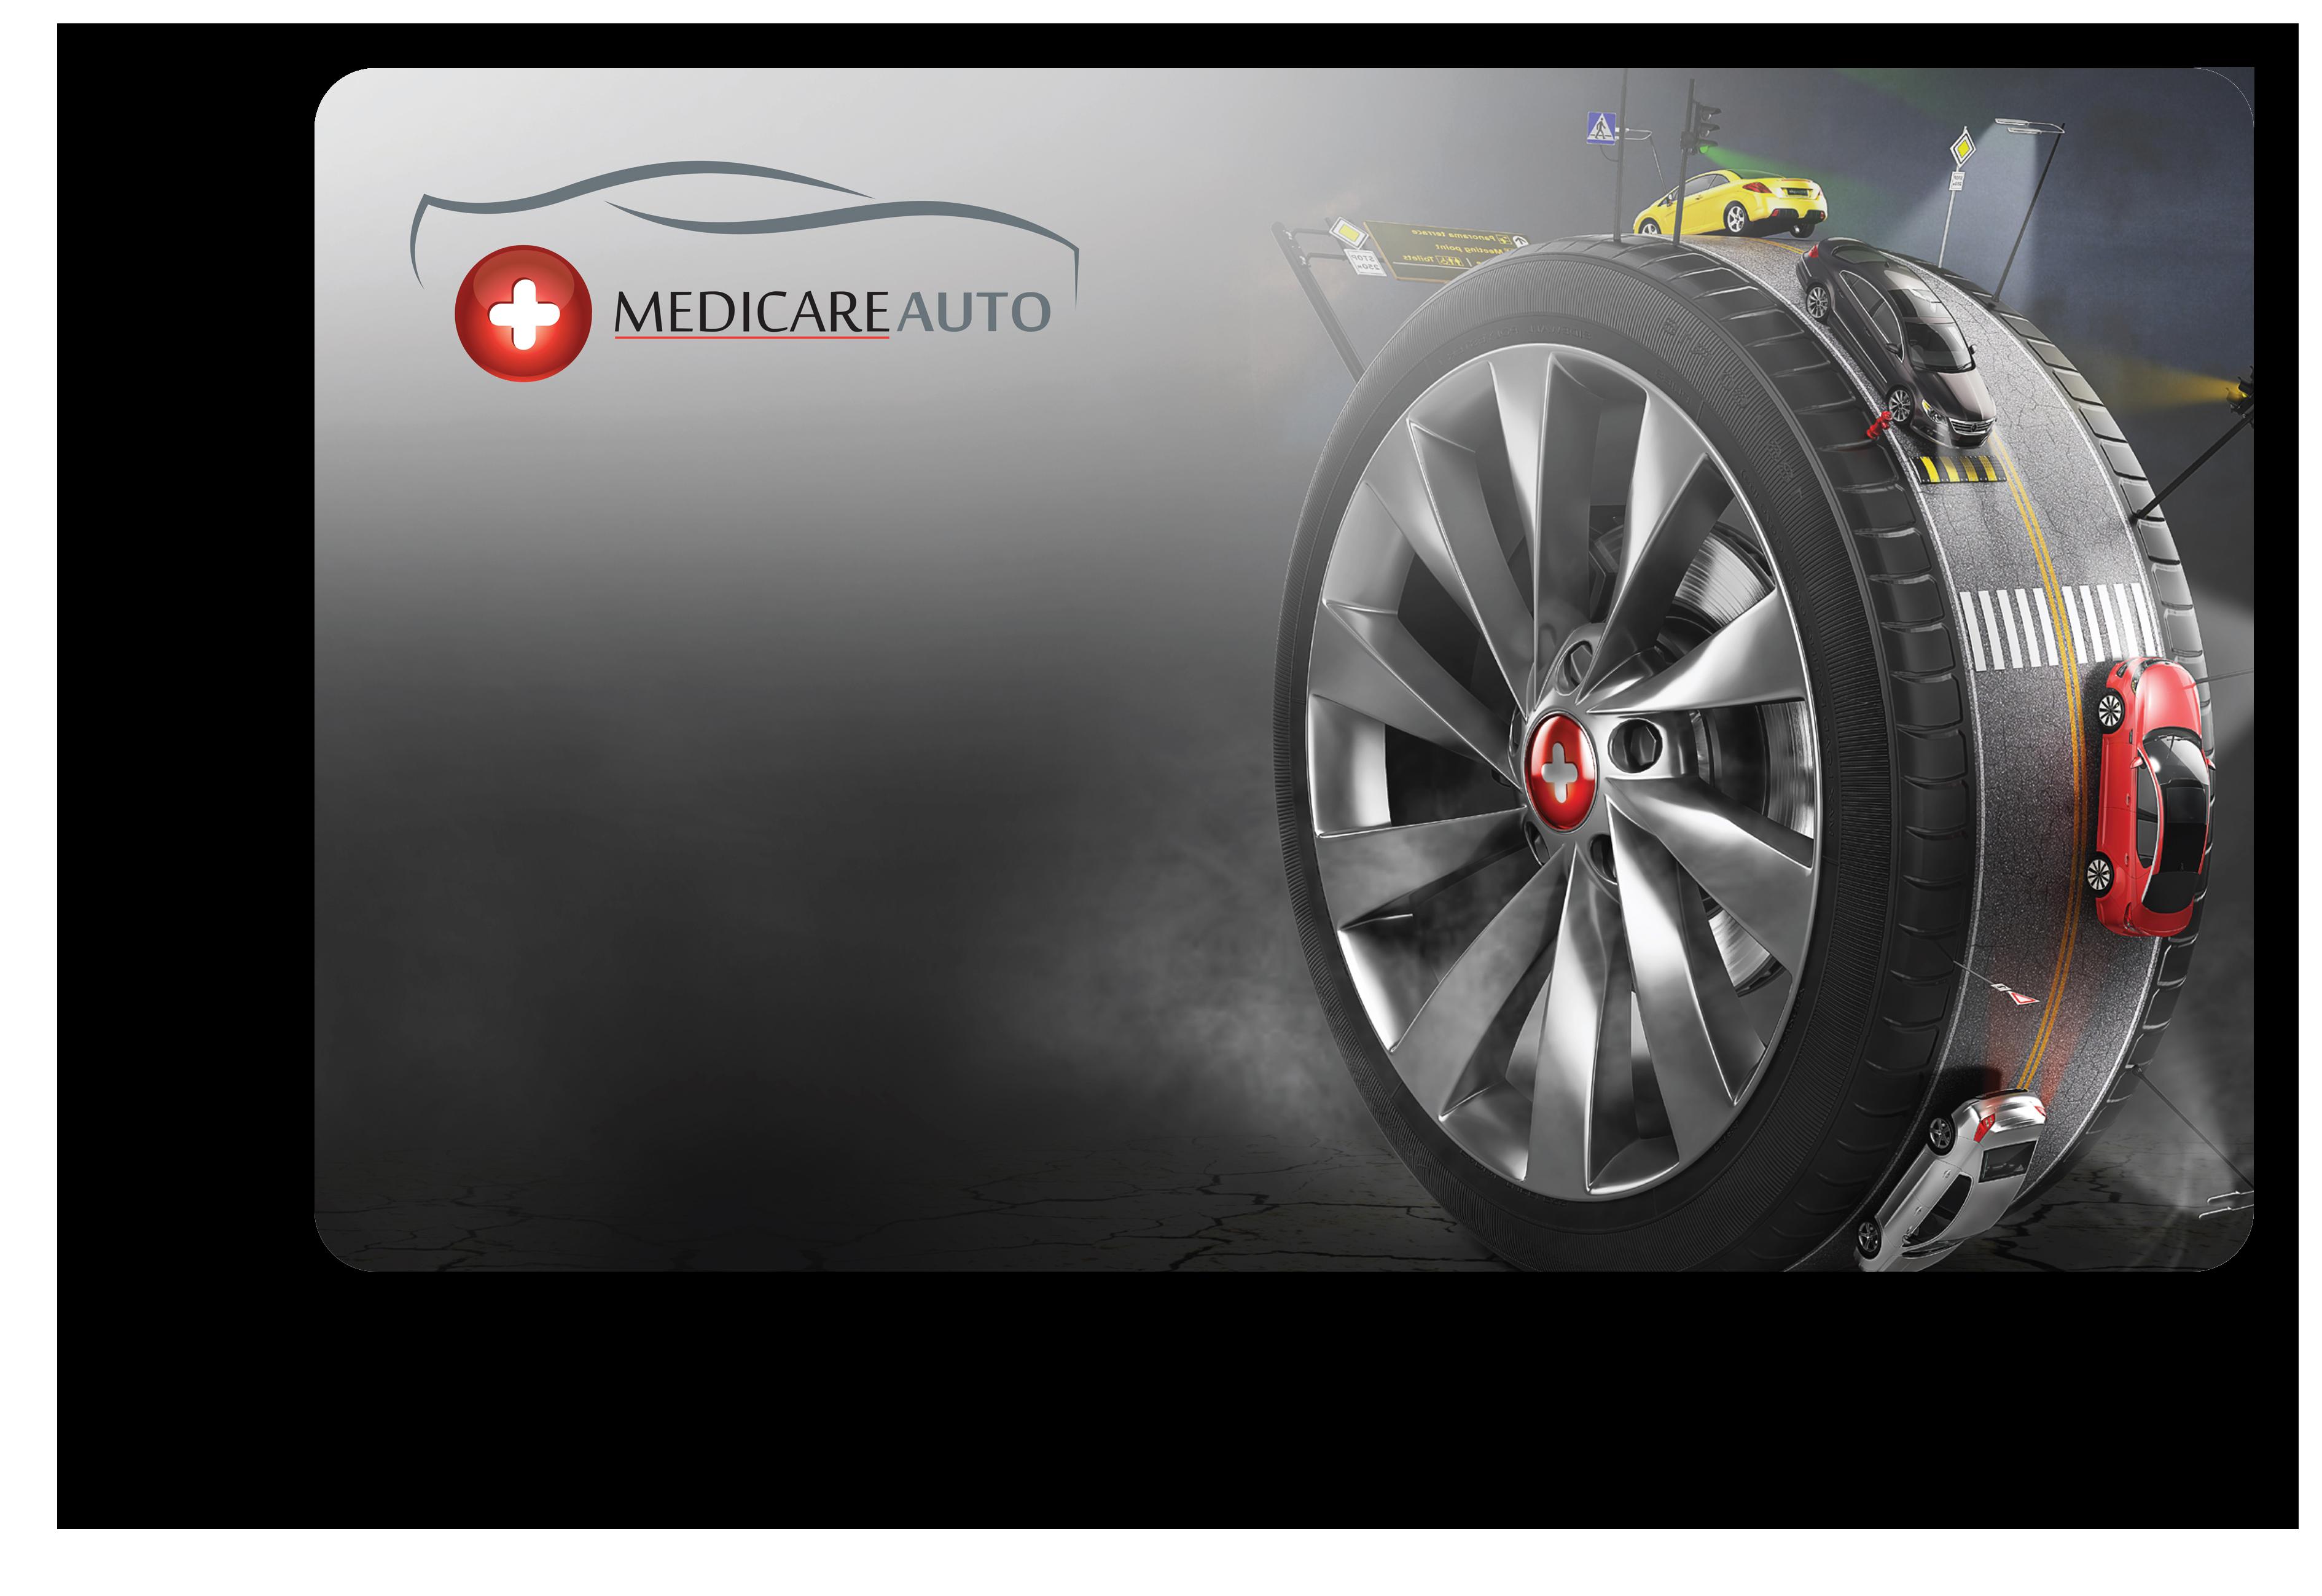 Medicare Auto